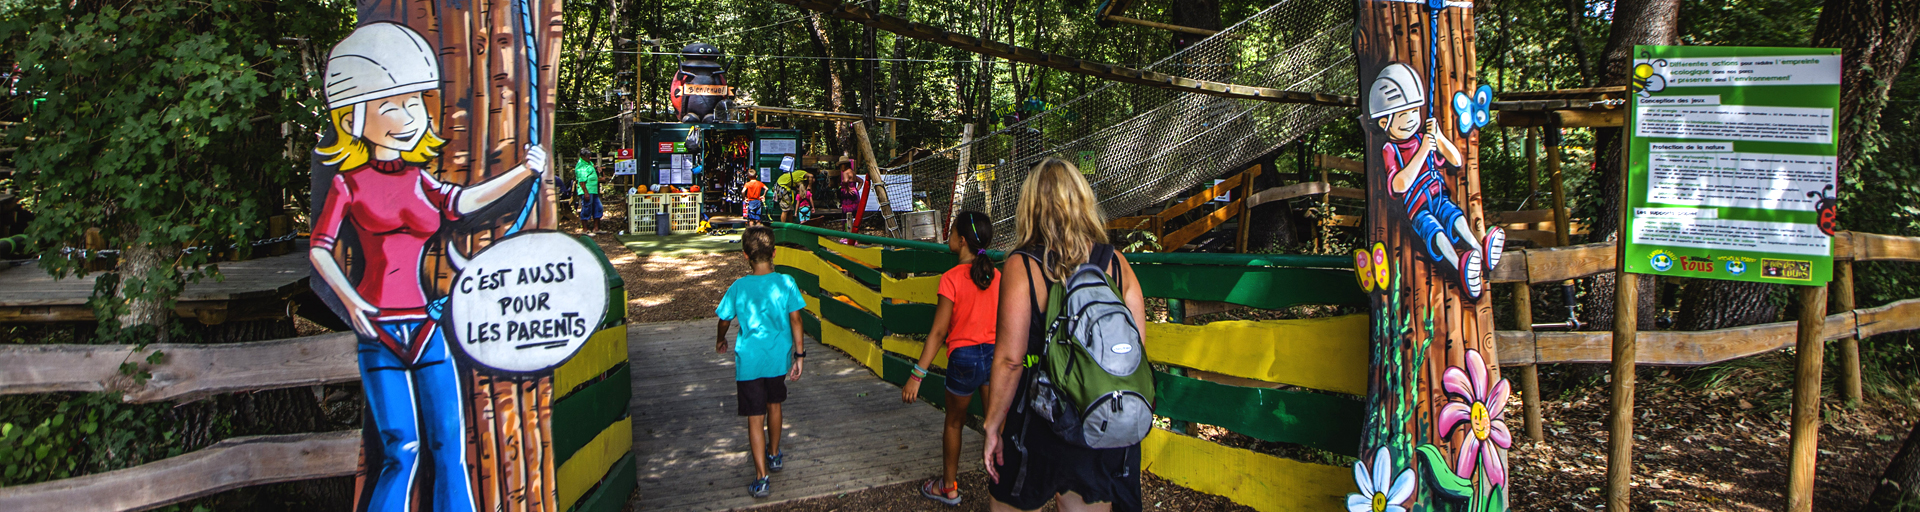 Entrée du parc Pitchoun Forest